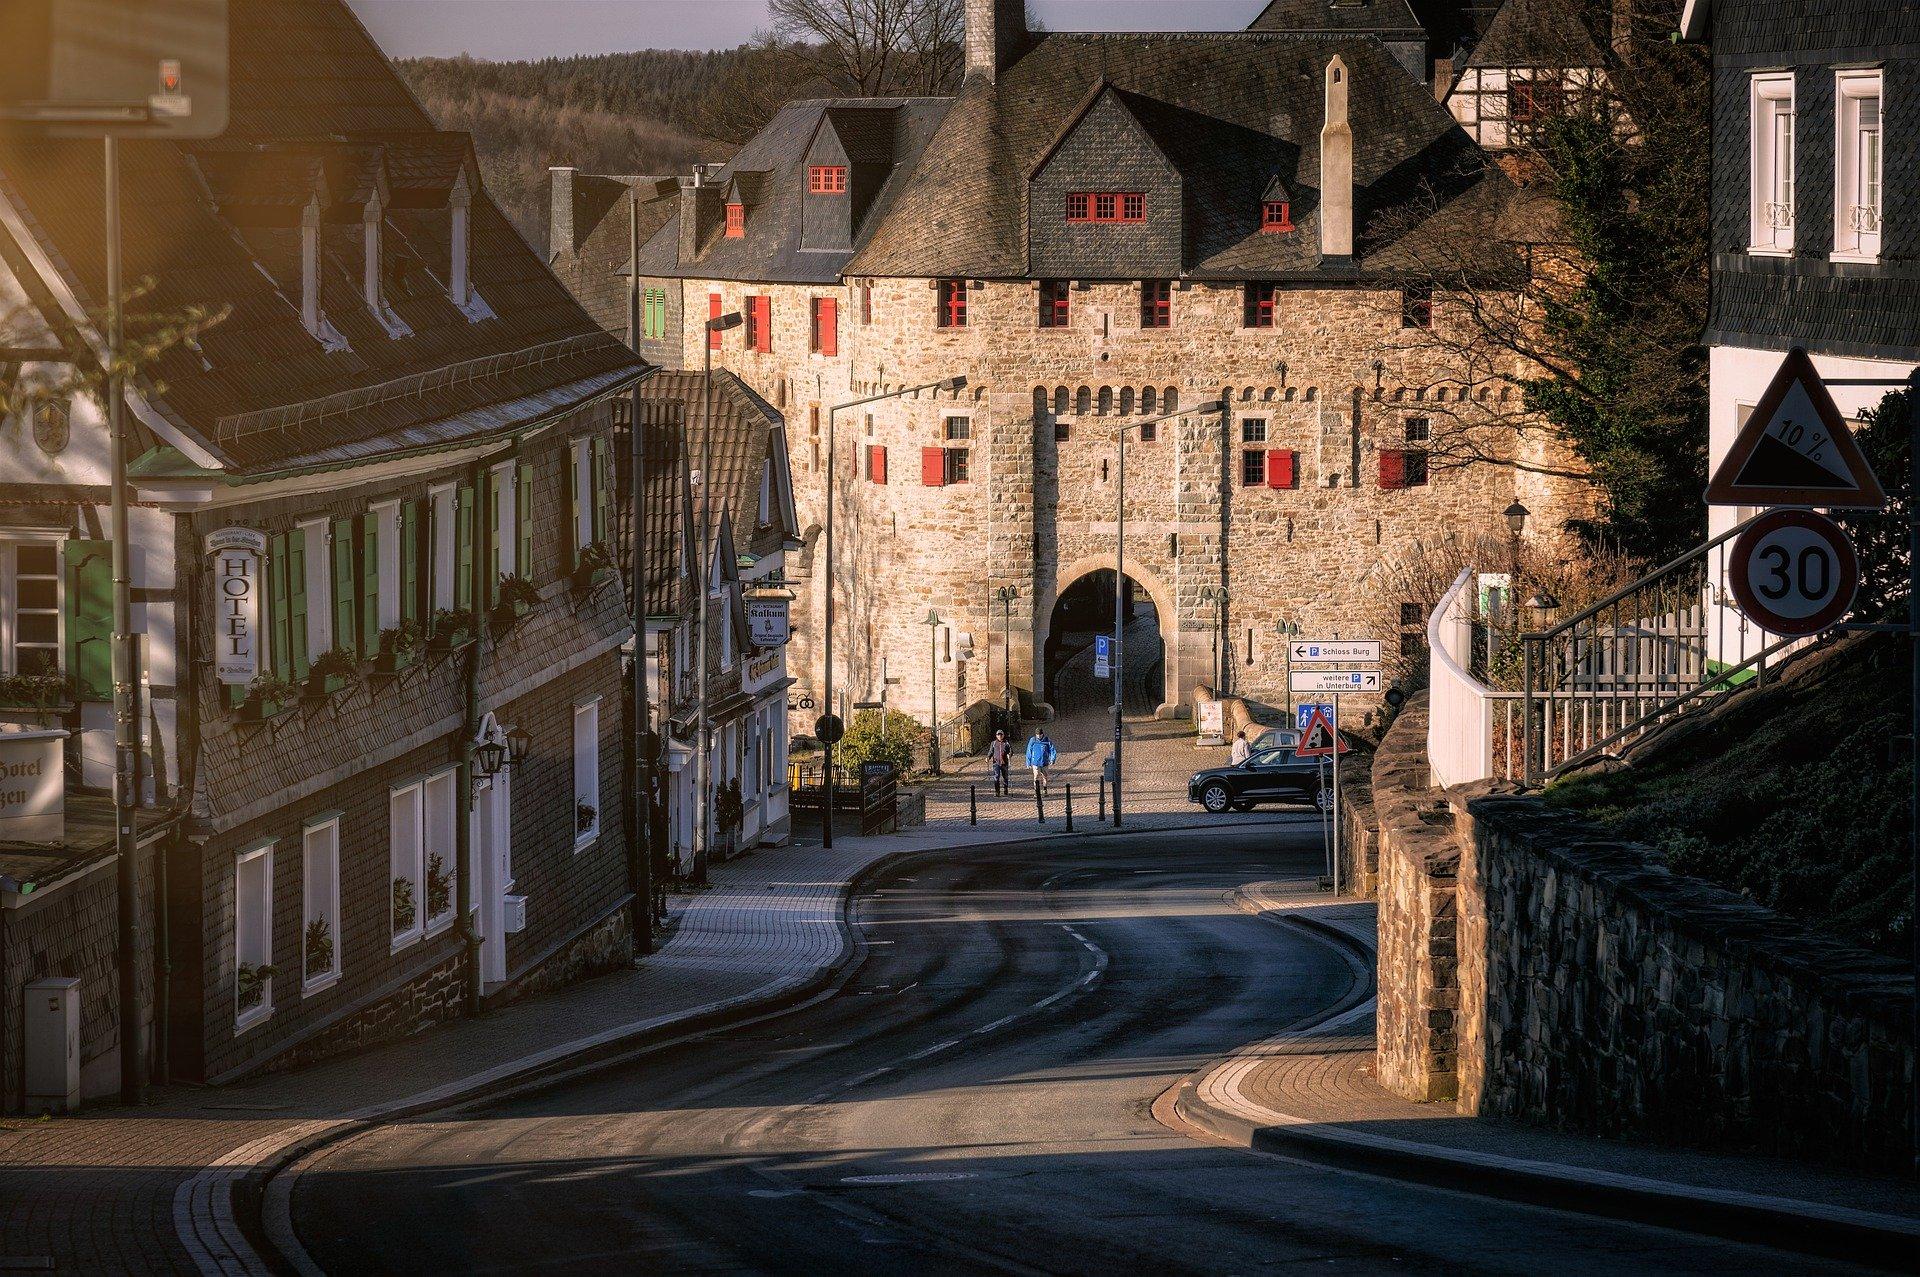 Sozialwohnungen in Solingen: Günstige Wohnungen und preisgebundener Wohnraum